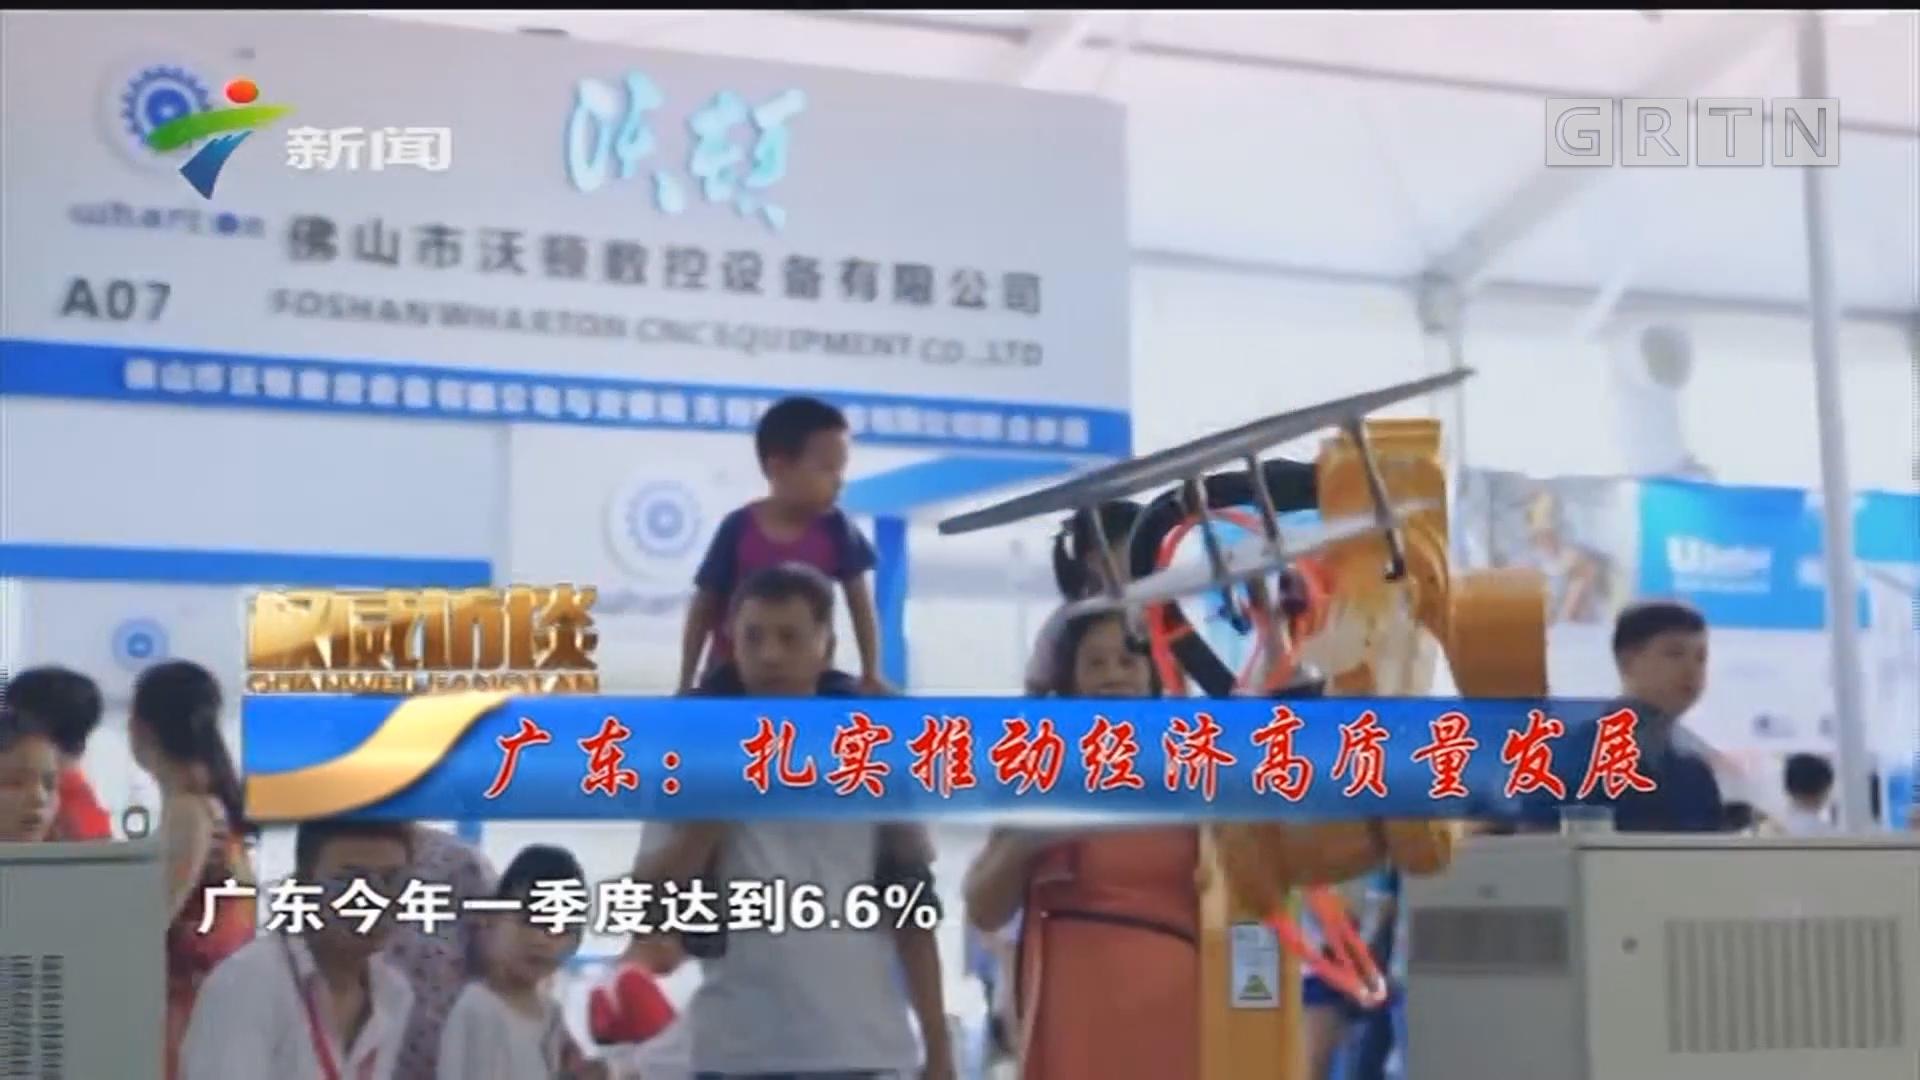 [HD][2019-06-01]權威訪談:廣東:扎實推動經濟高質量發展